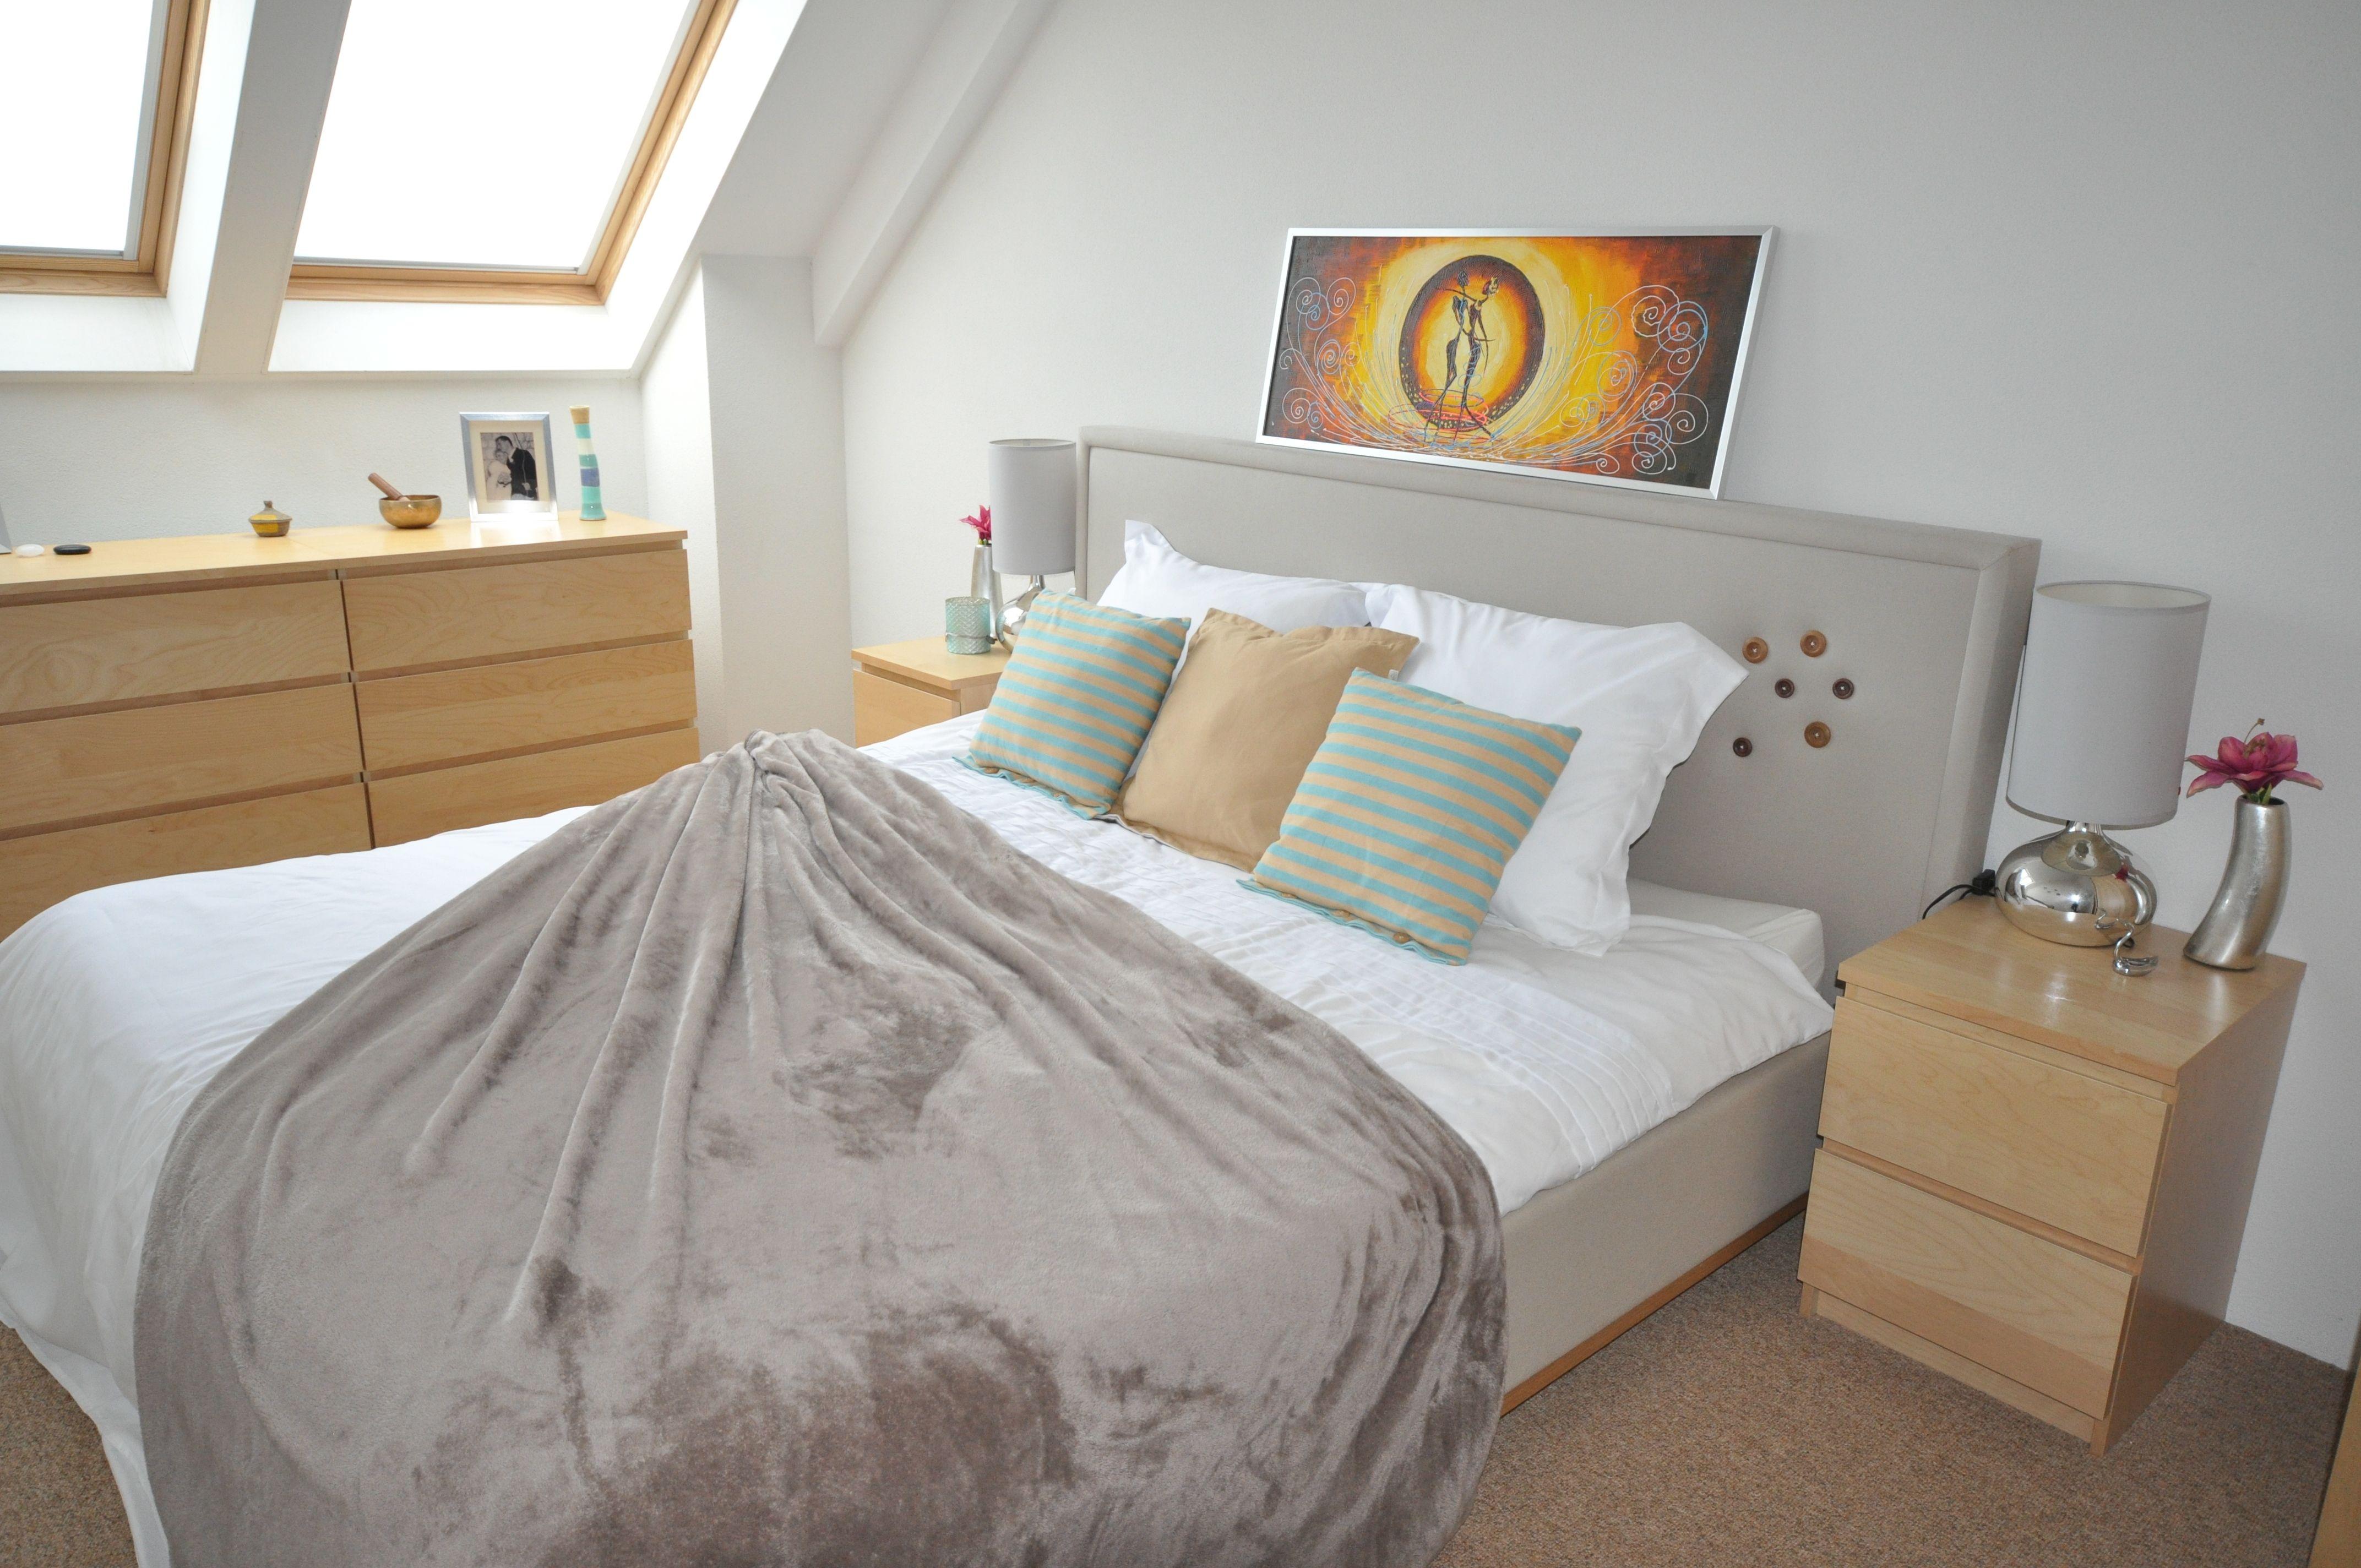 Bedrooms AInterior Designs cozy, zen bedroom